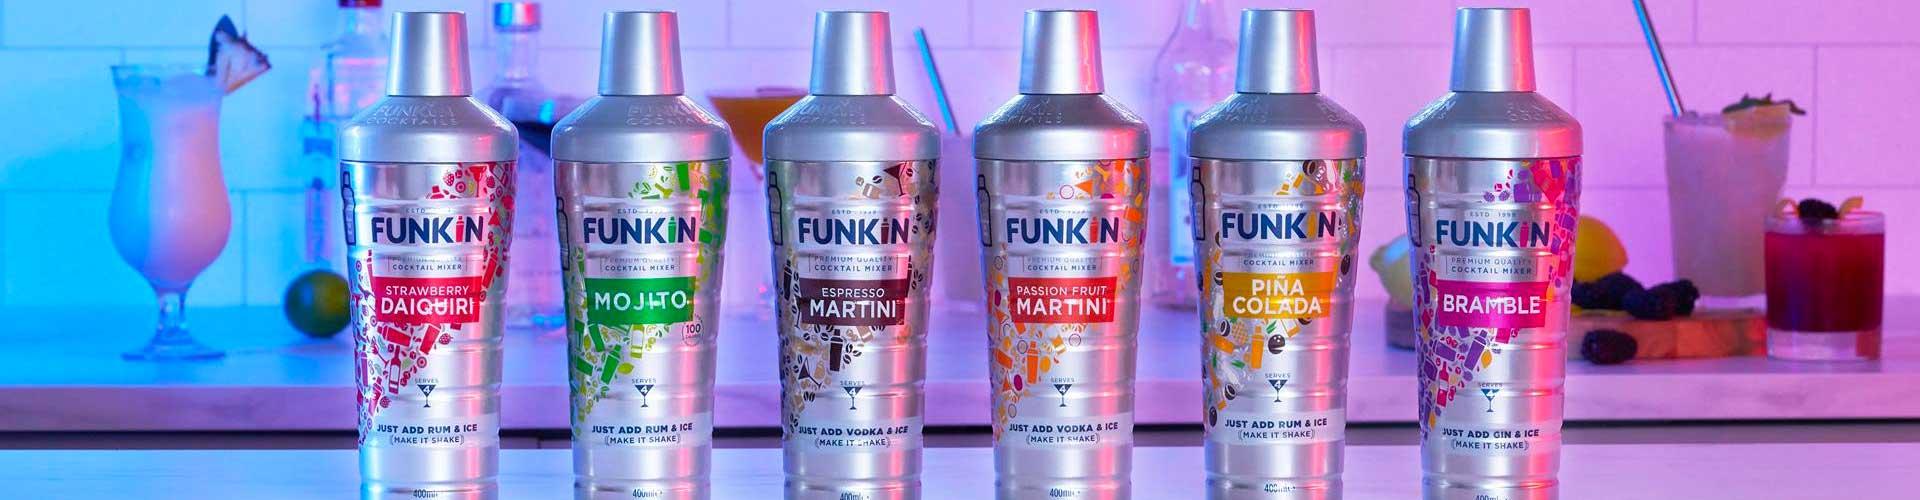 Funkin